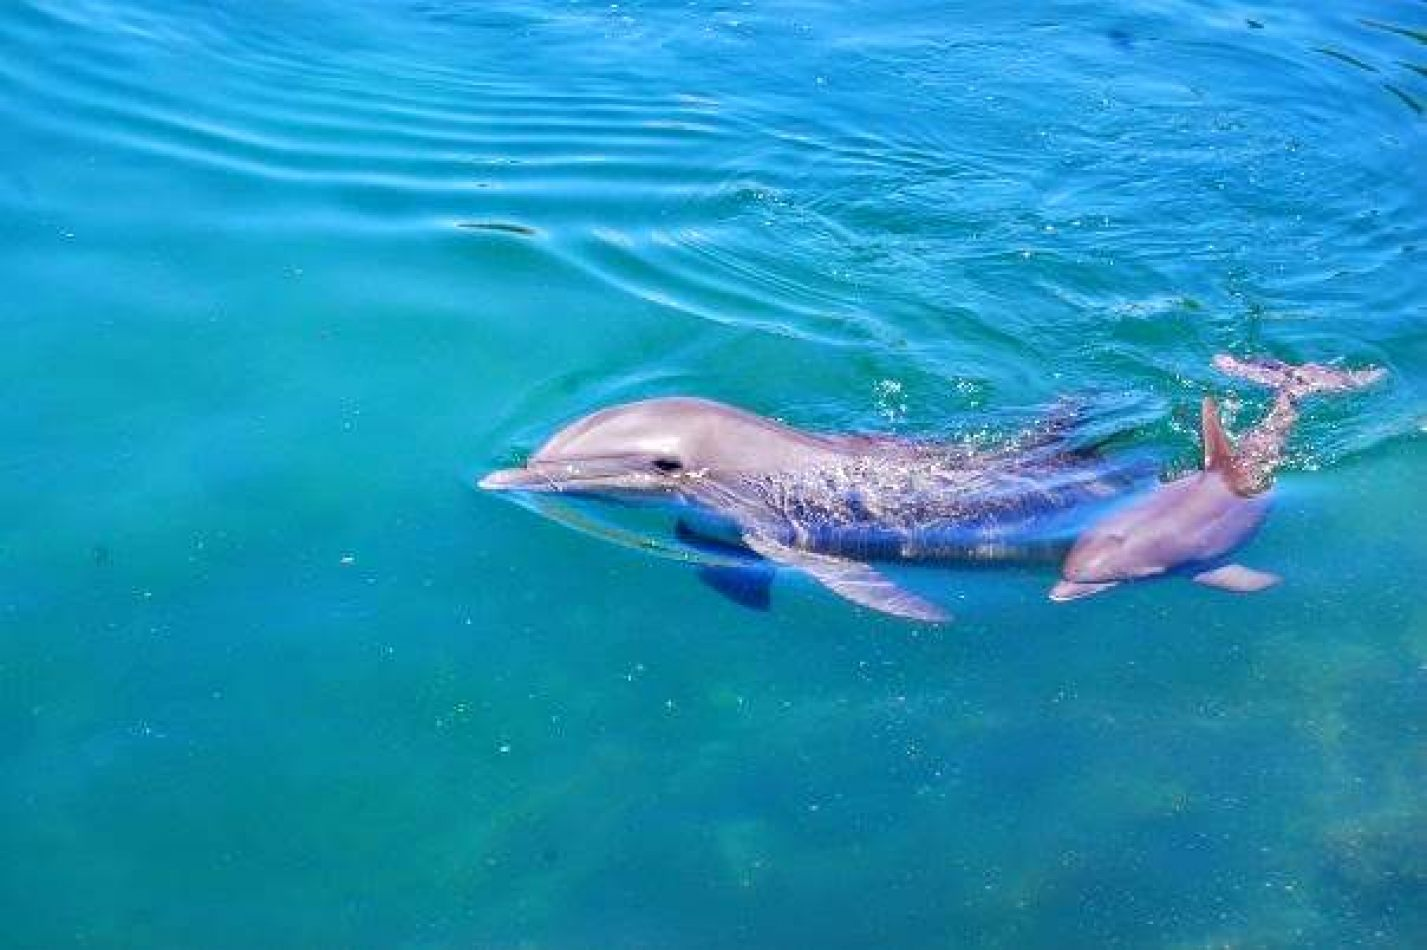 Hibiscus & Nomada : - - Dolphins